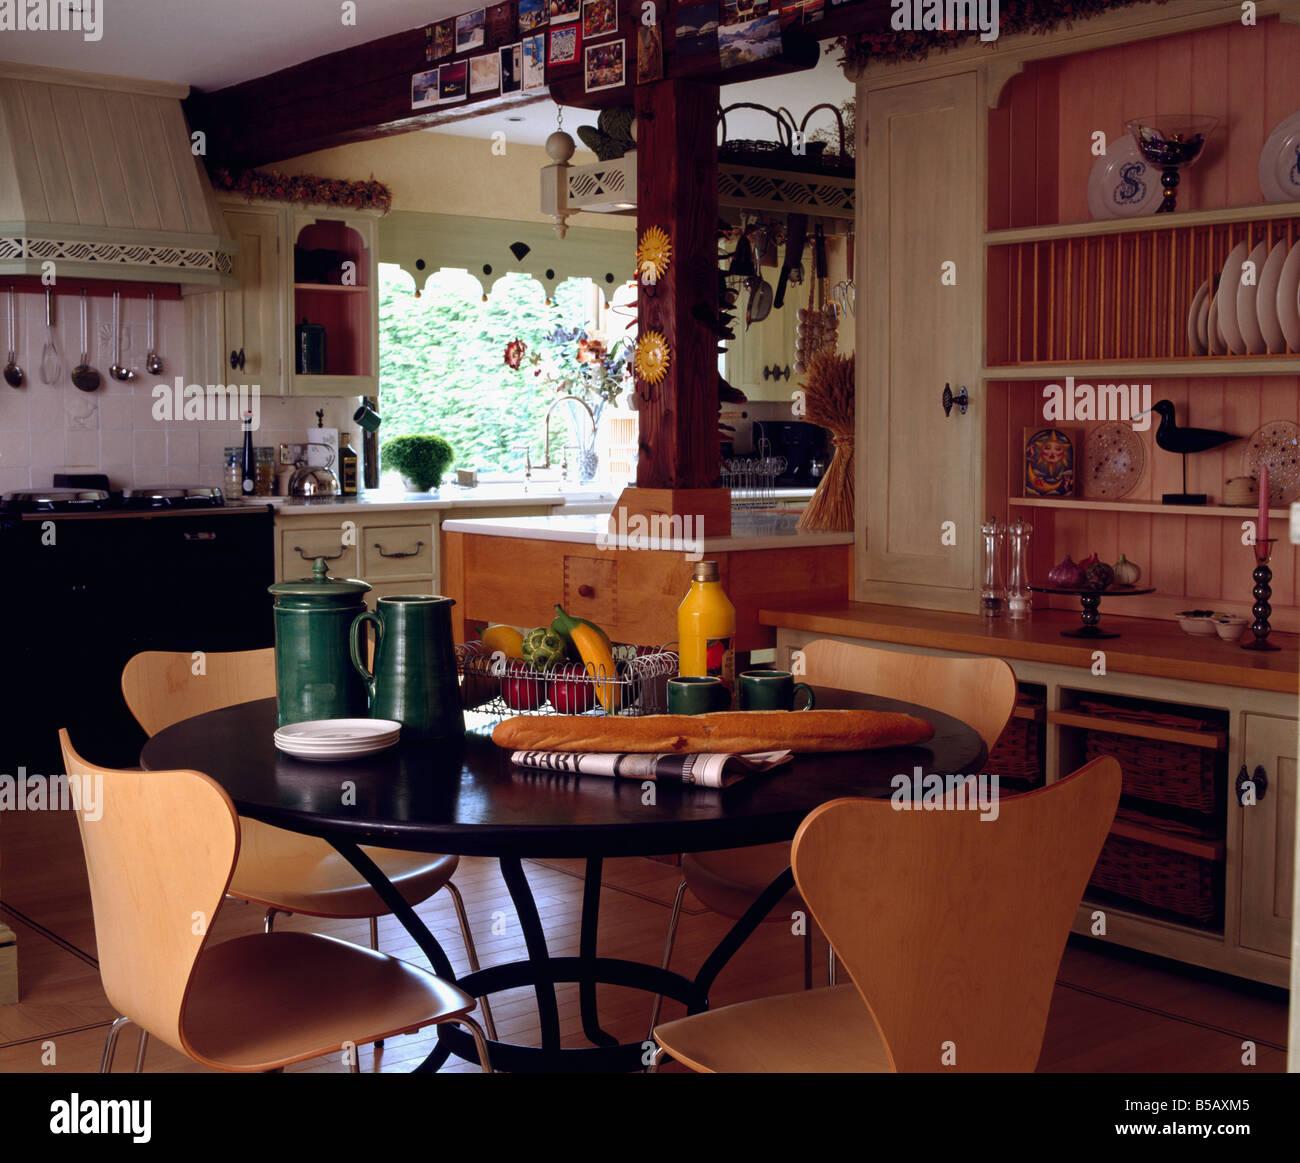 Schön Rundküchentisch 6 Stühlen Galerie - Küchenschrank Ideen ...